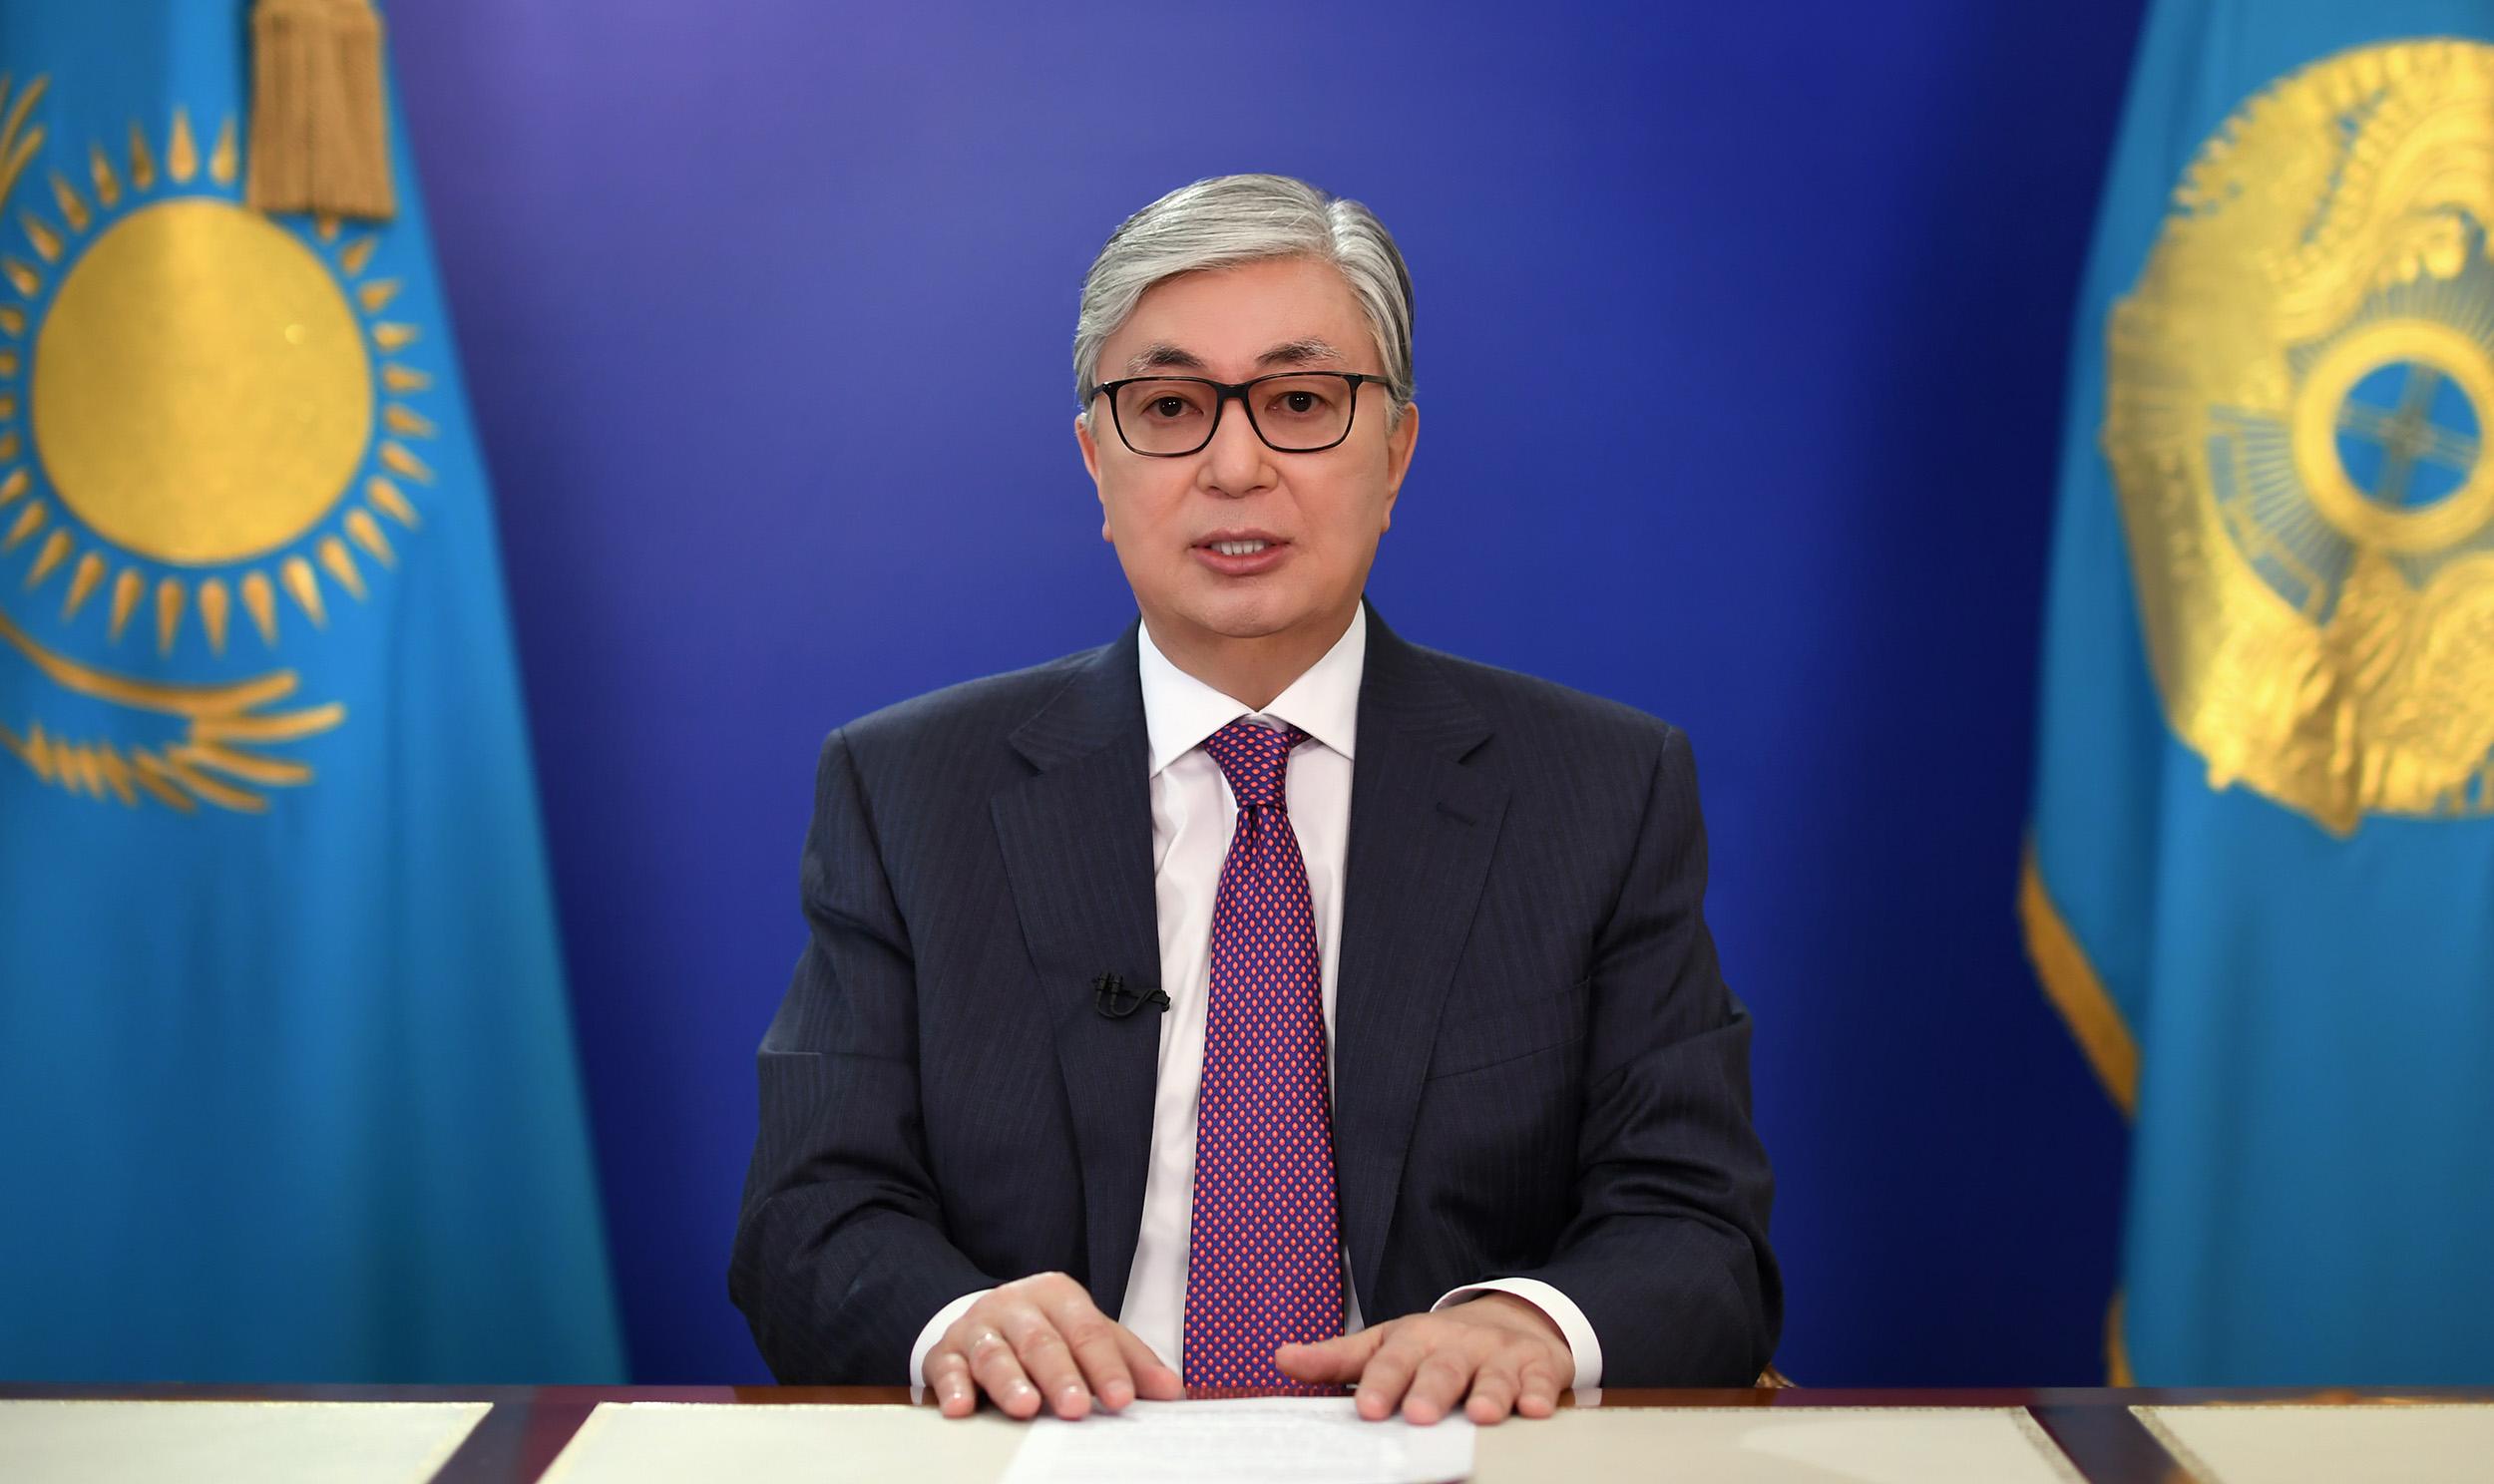 Внеочередные выборы Президента Казахстана состоятся 9 июня 2019 года - Токаев